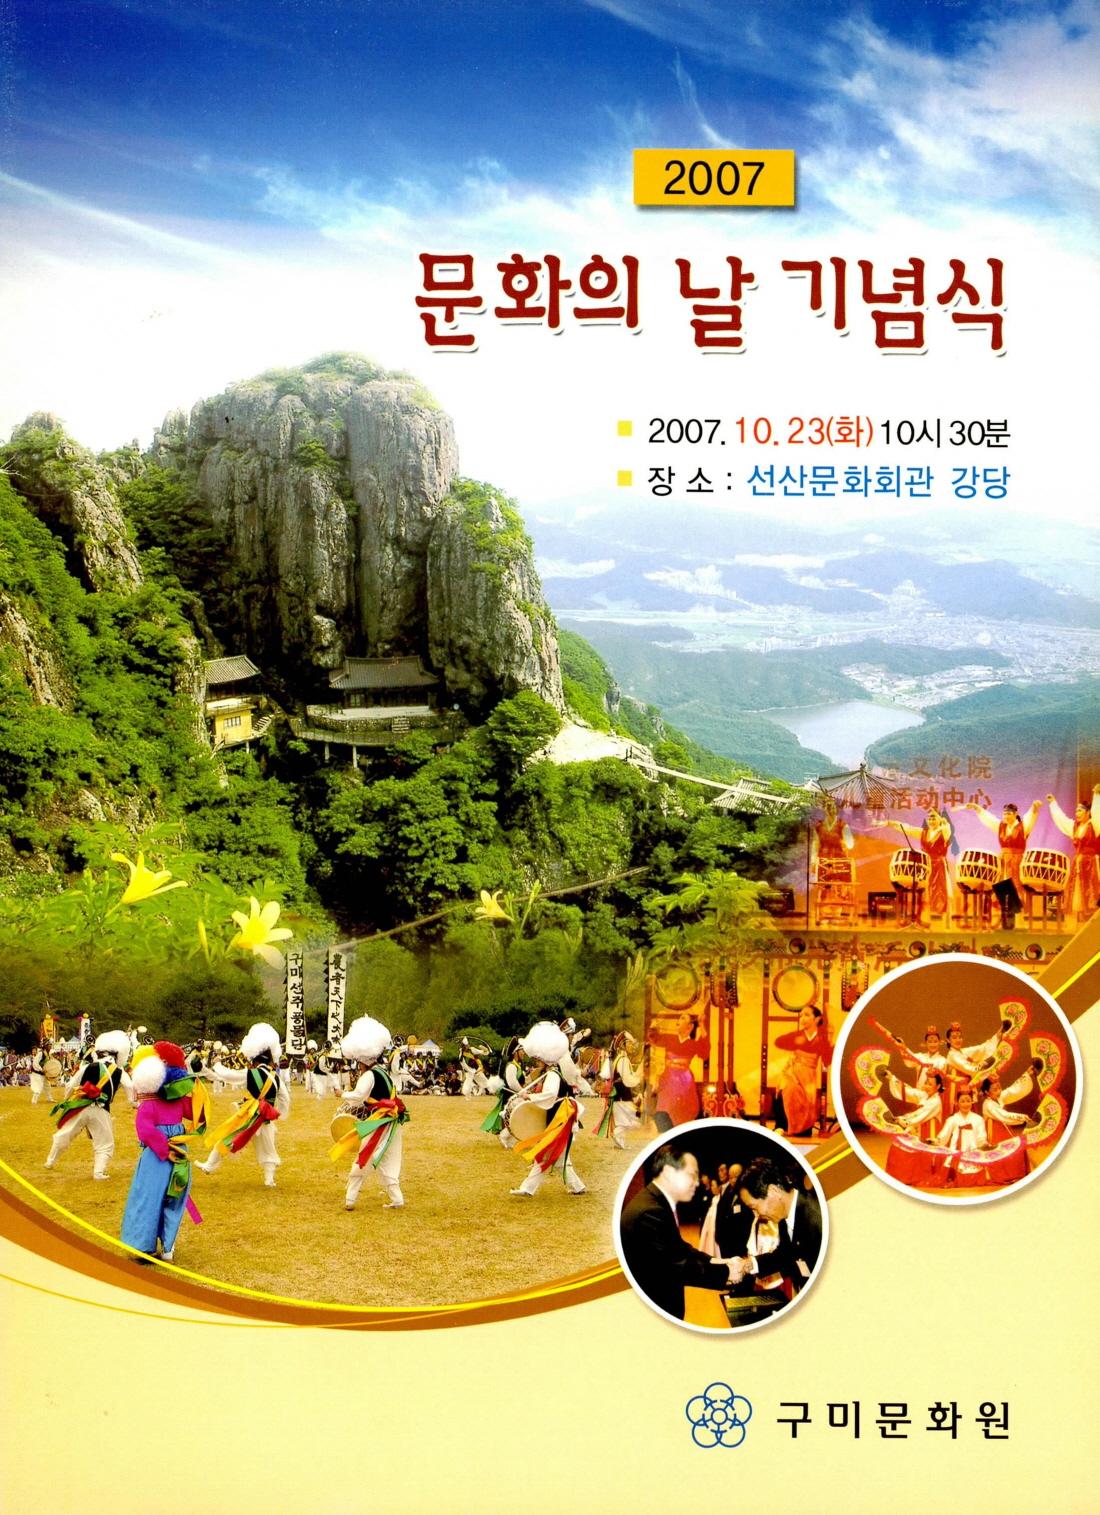 2007 문화의 날 기념식